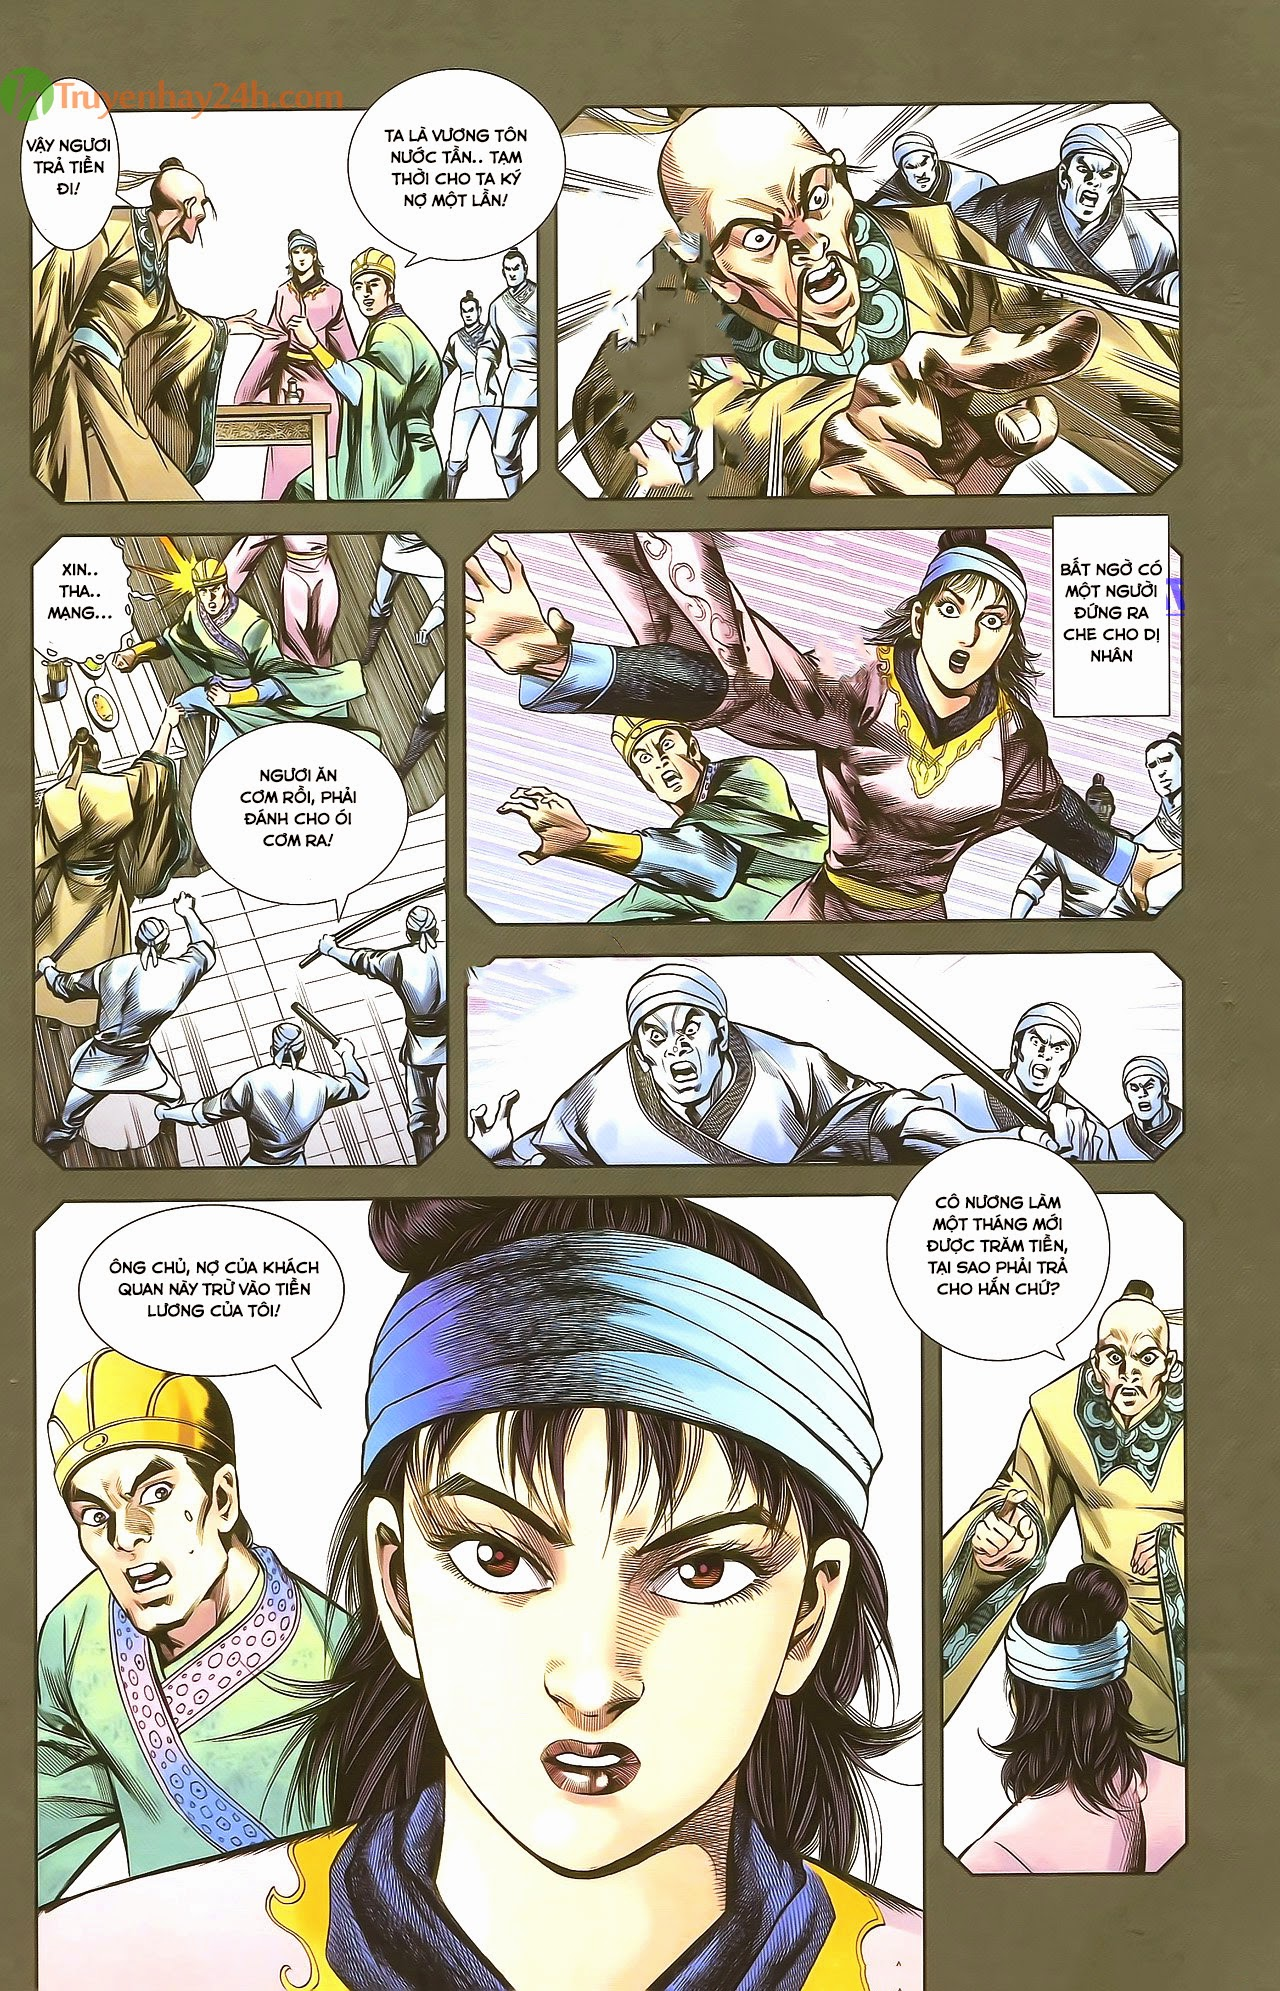 Tần Vương Doanh Chính chapter 29.1 trang 12